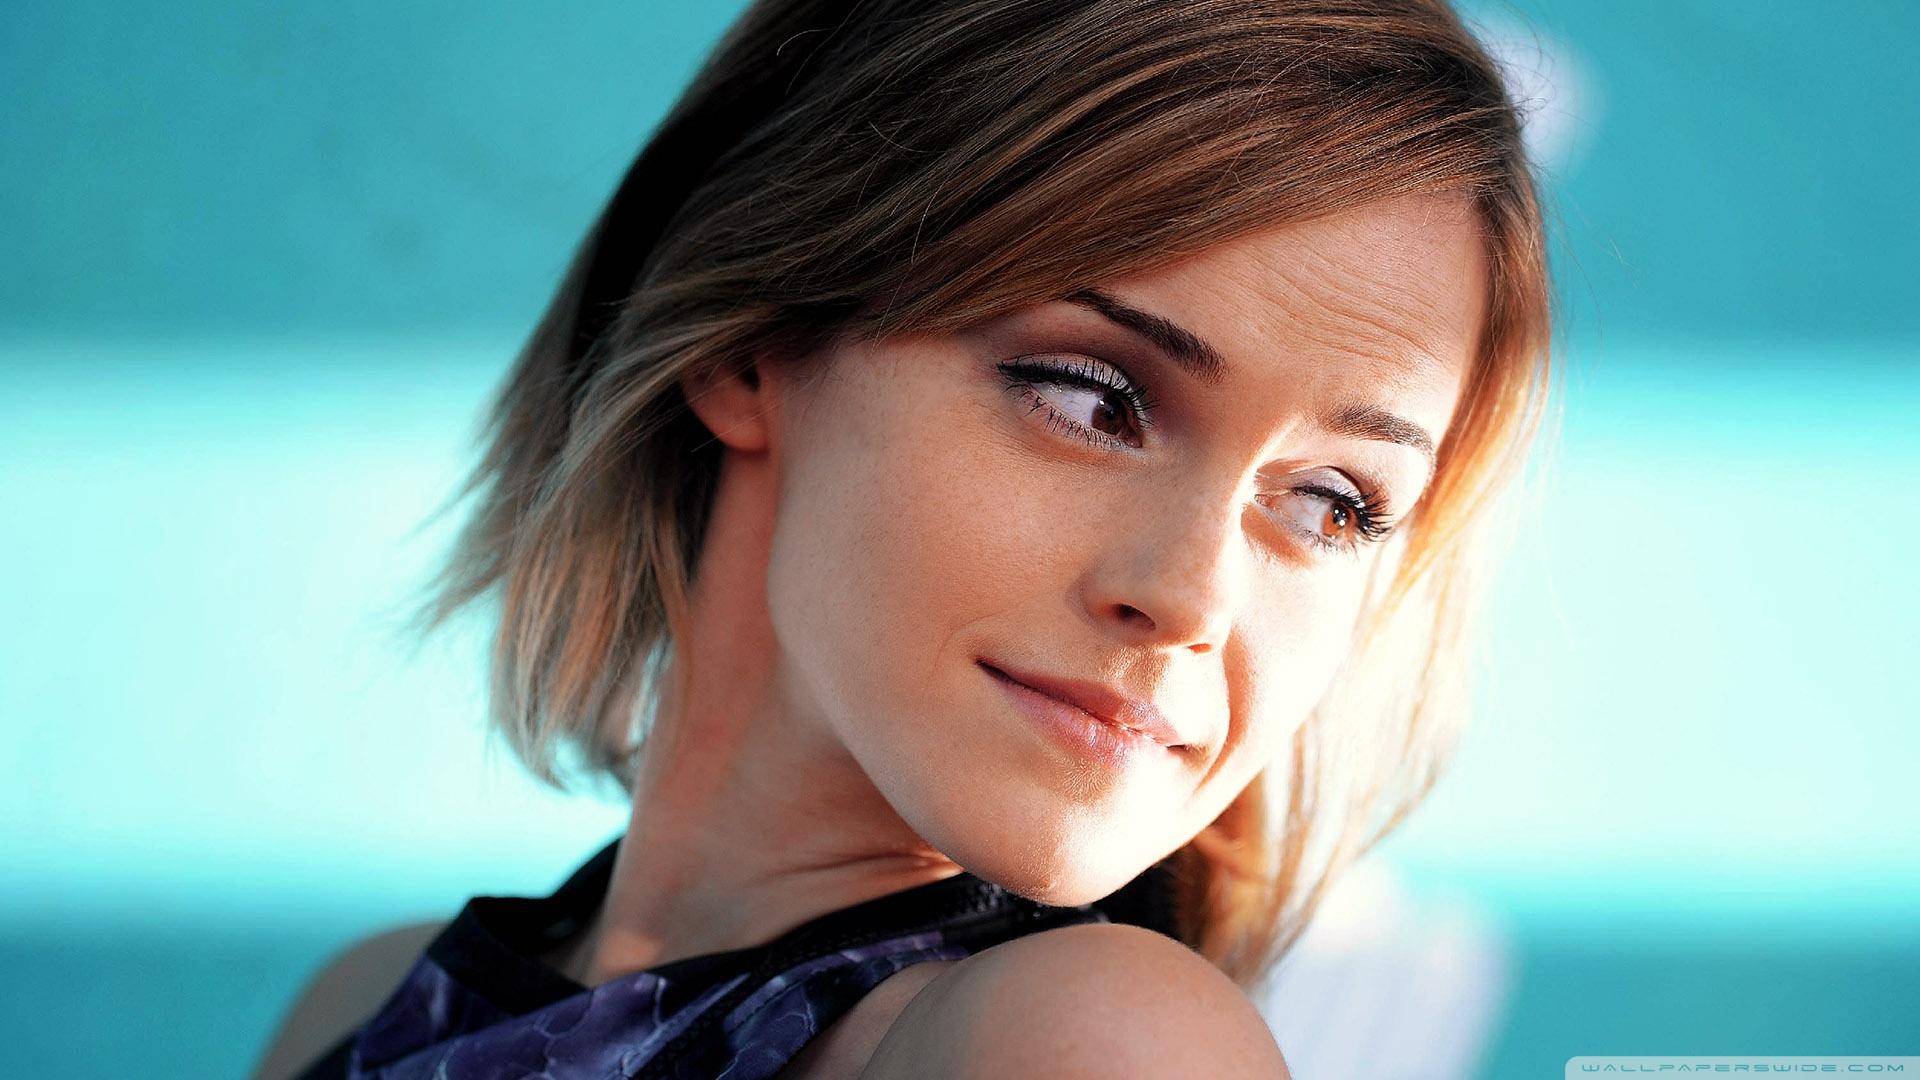 Emma Watson HD Wallpaper Wide Screen Wallpaper 1080p2K4K 1920x1080